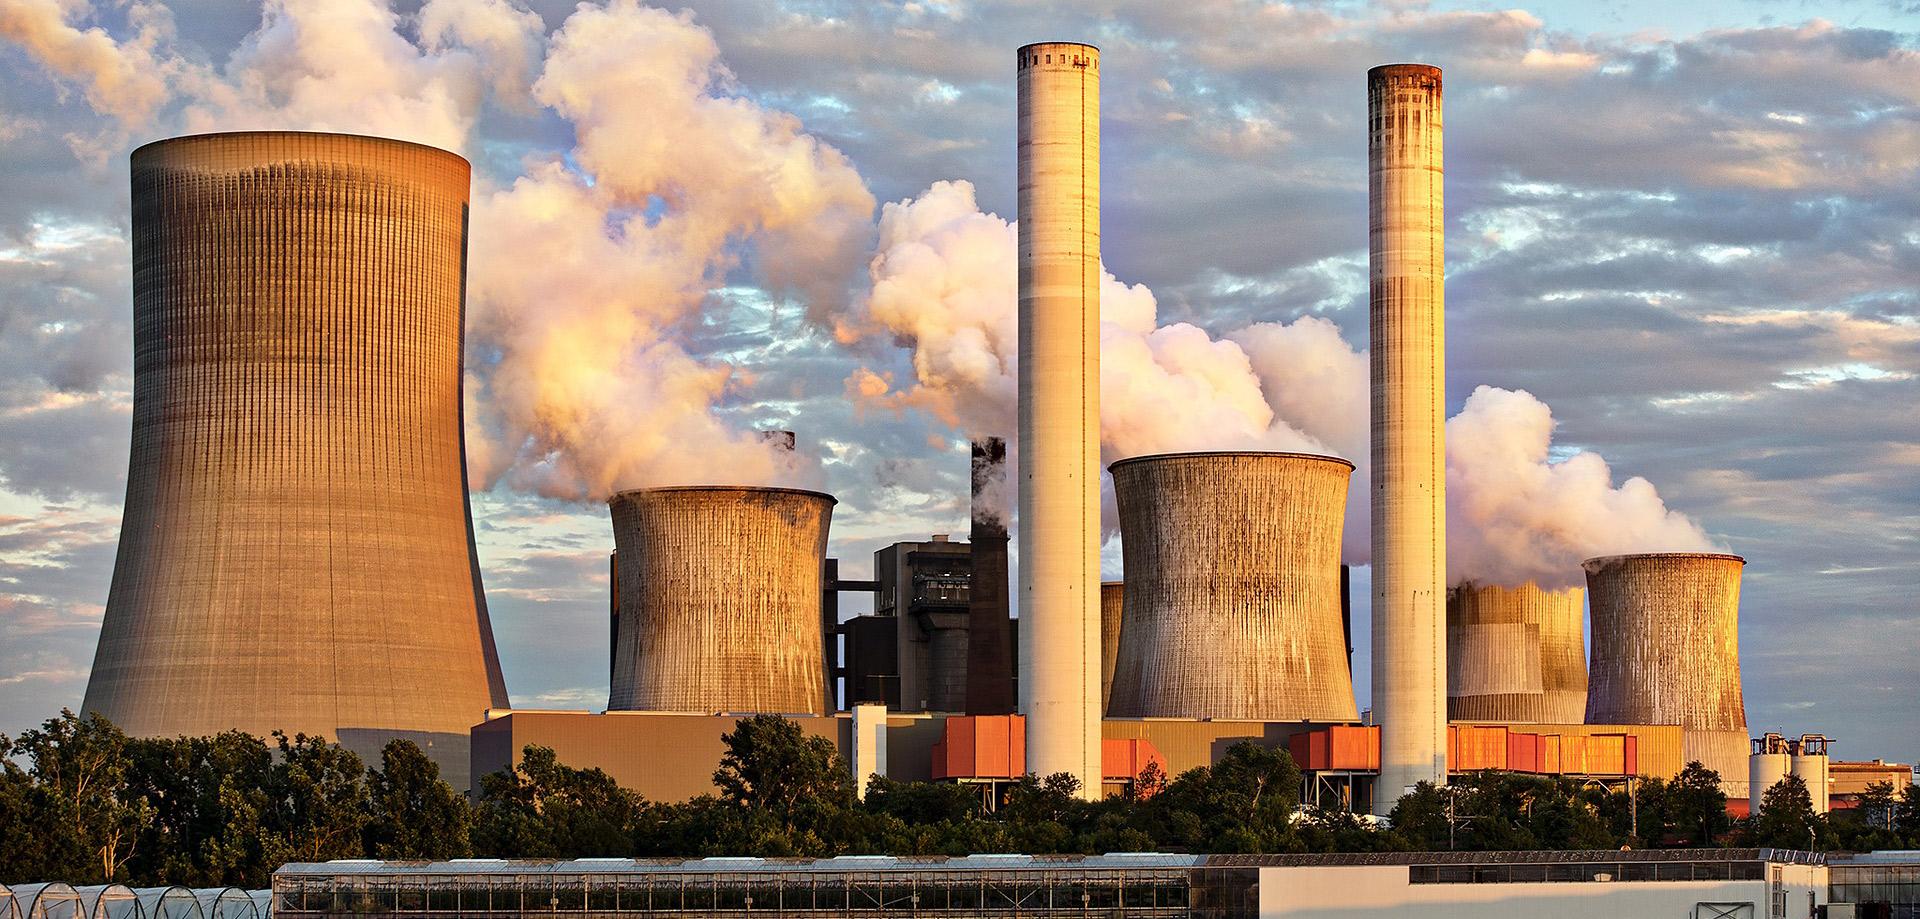 Malvér infikoval indickú jadrovú elektráreň